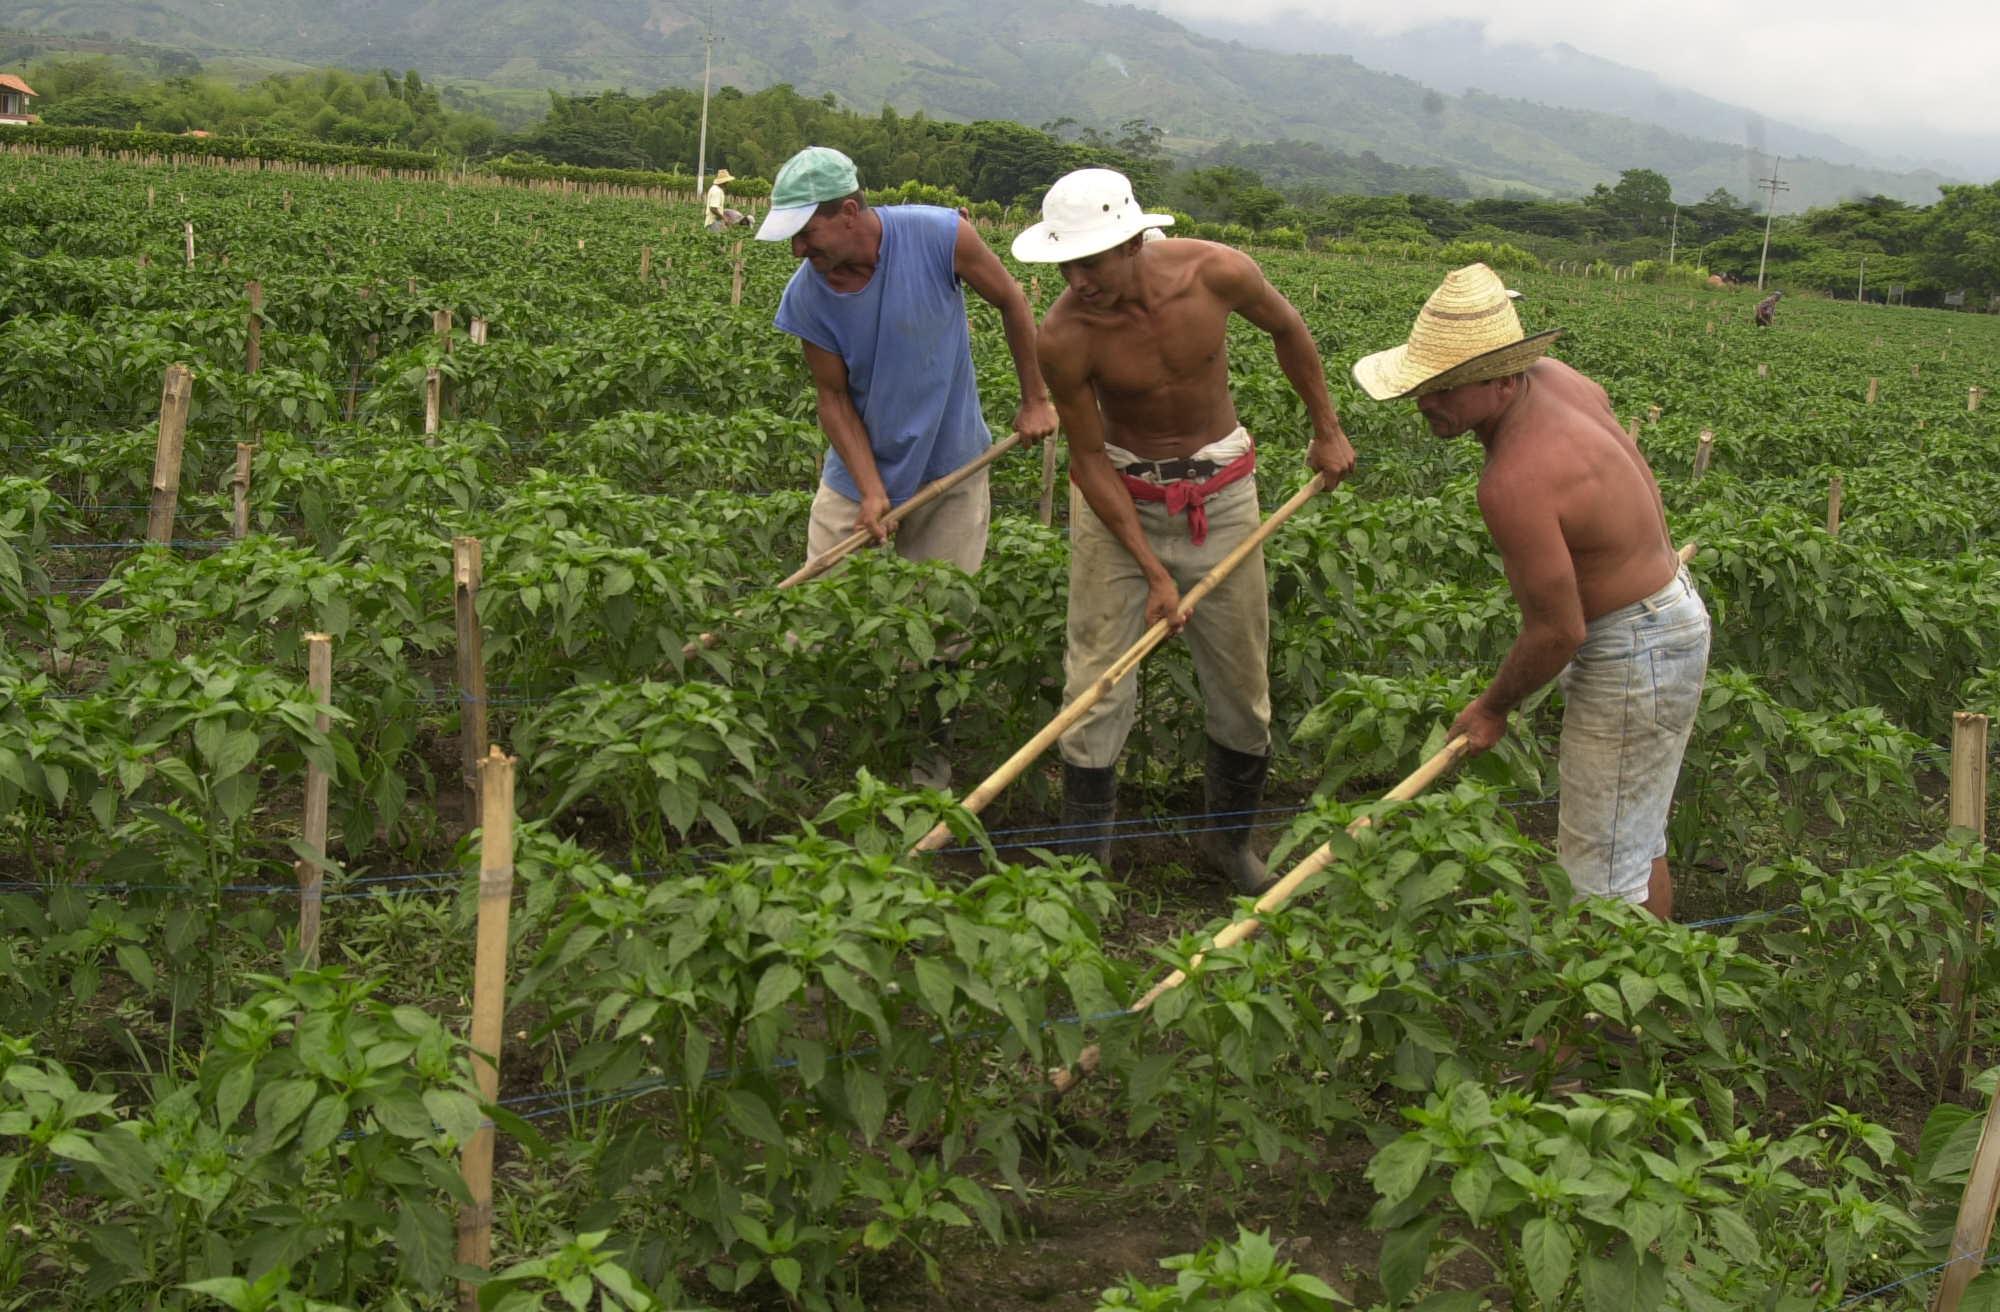 El Valle del Cauca entre las regiones con menos pobreza rural